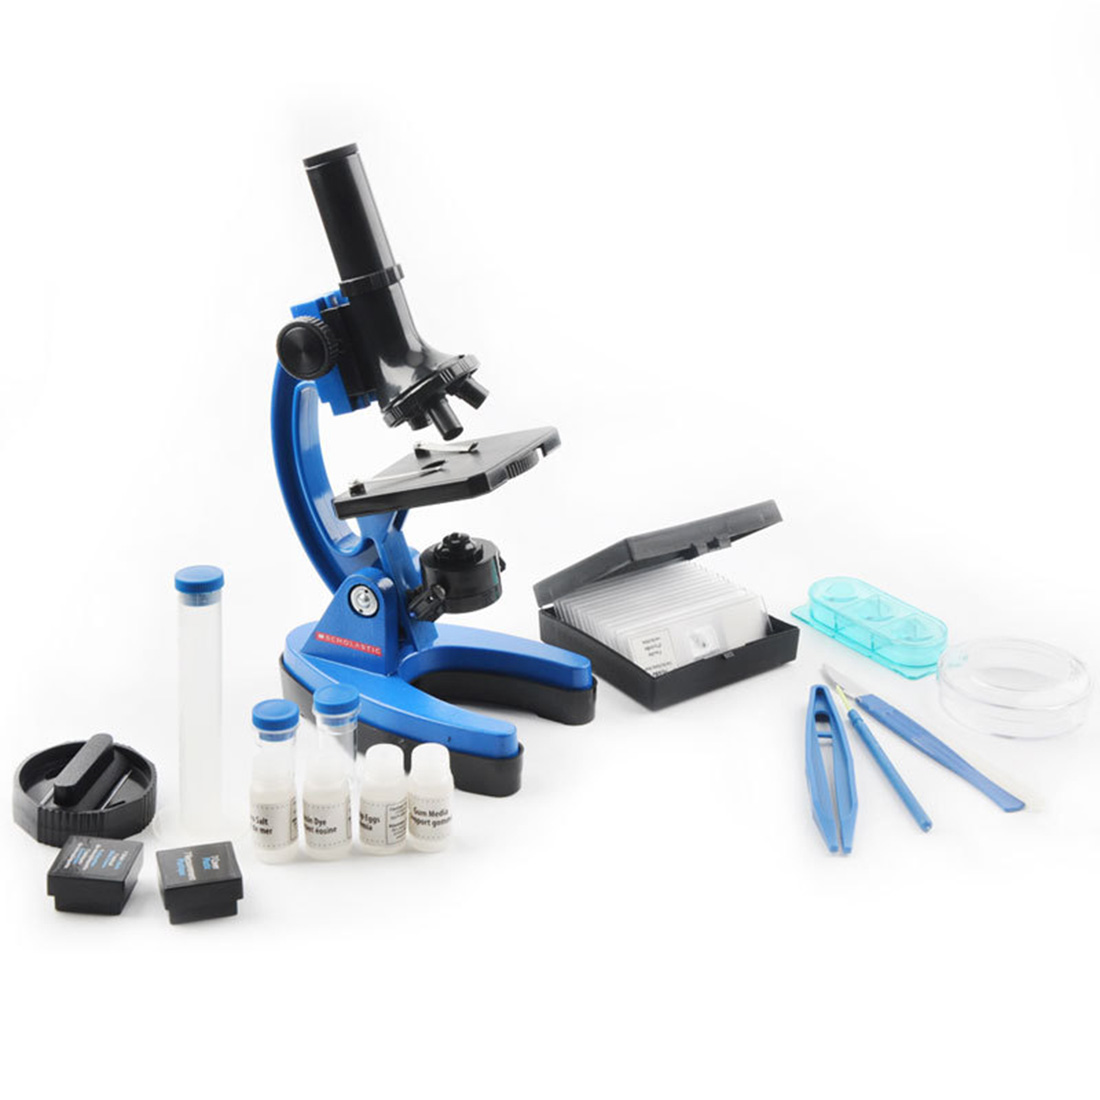 Durable des Élèves de Laboratoire 1200 Fois Enfants Métal Microscope Outil Kit Ensemble Enfants L'apprentissage Précoce de L'éducation La Science Jouets cadeau - 4